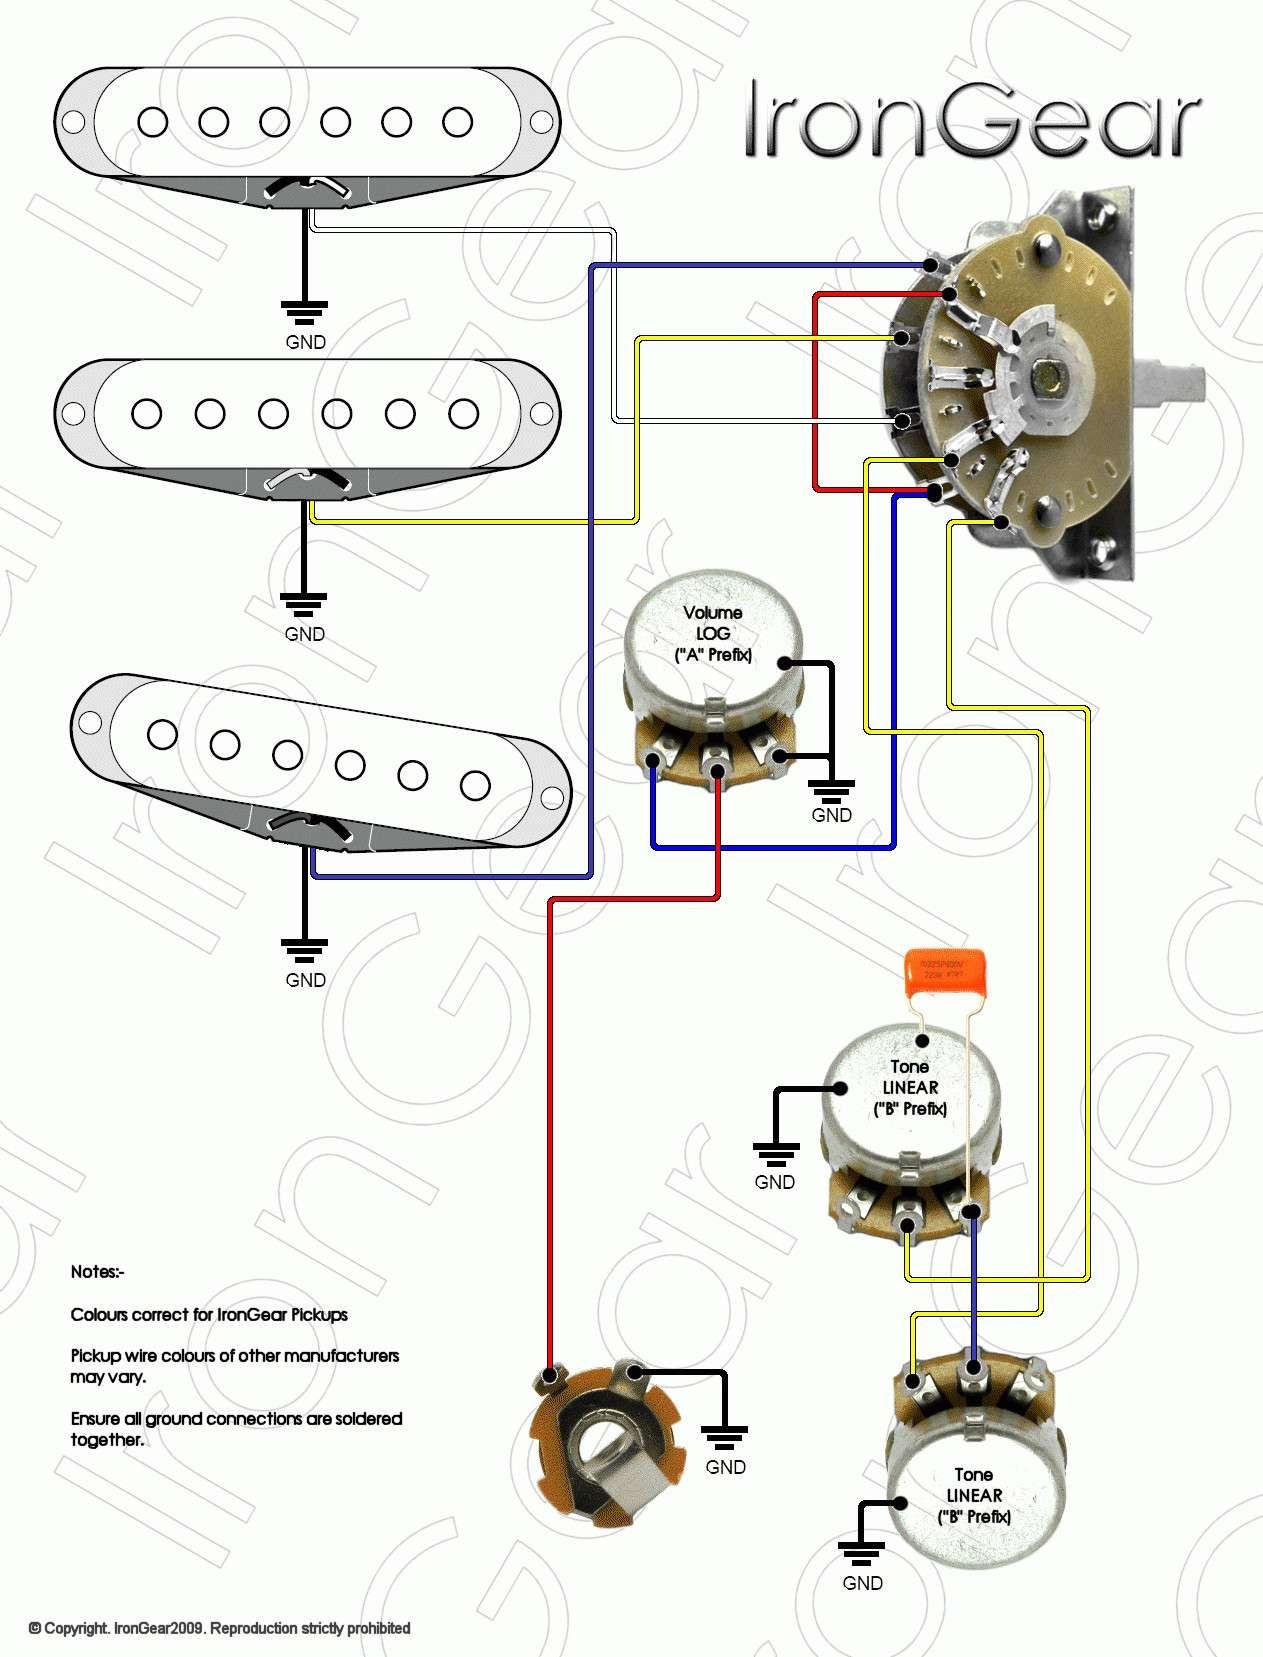 wiring diagram 3 way switch elegant wiring diagram for 5 way guitarwiring diagram 3 way switch [ 1263 x 1657 Pixel ]